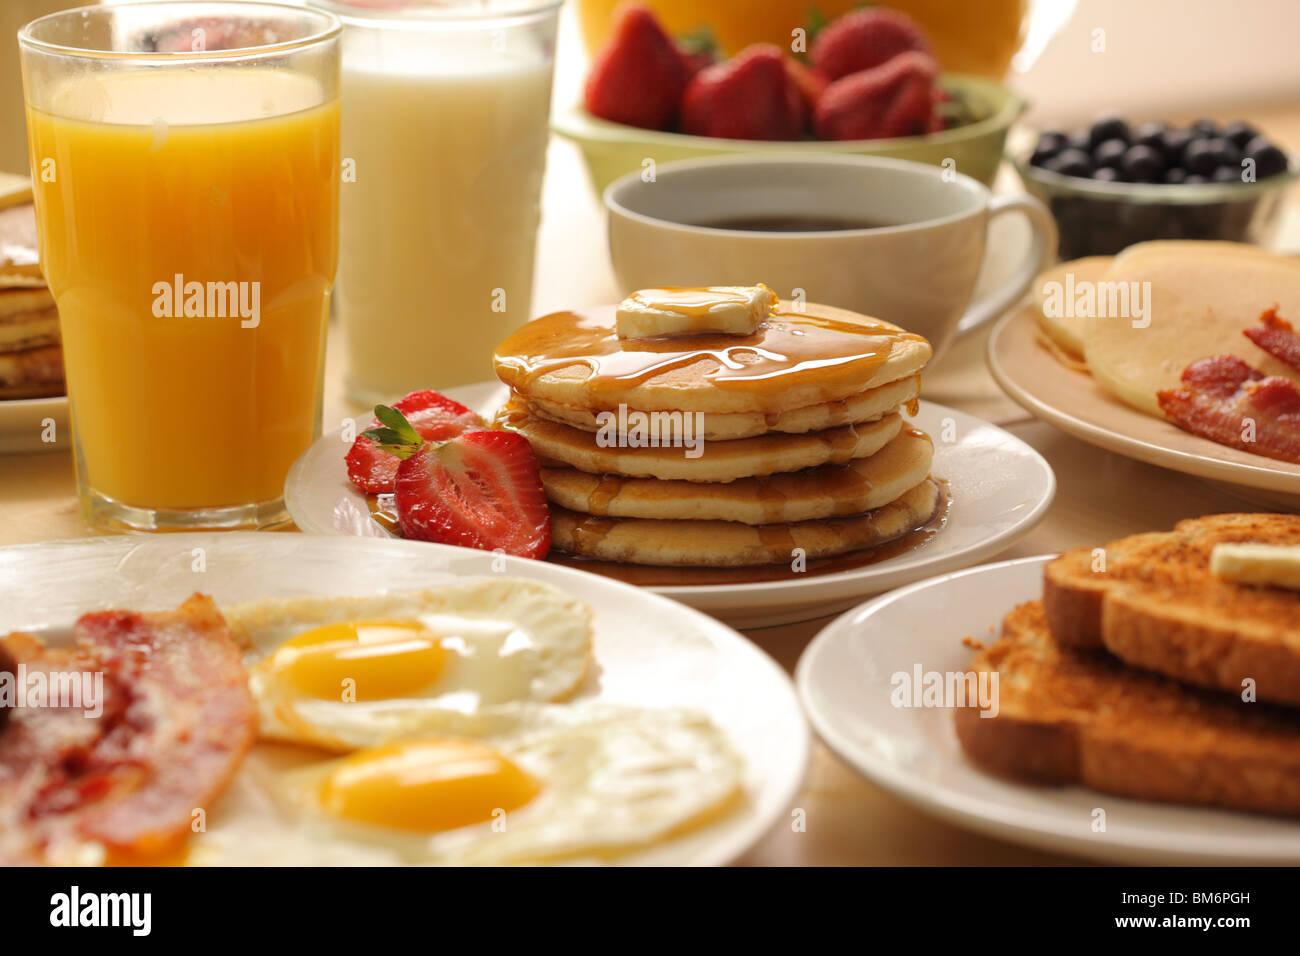 Petit-déjeuner de crêpes, des fruits, des œufs, du bacon et des toasts Photo Stock